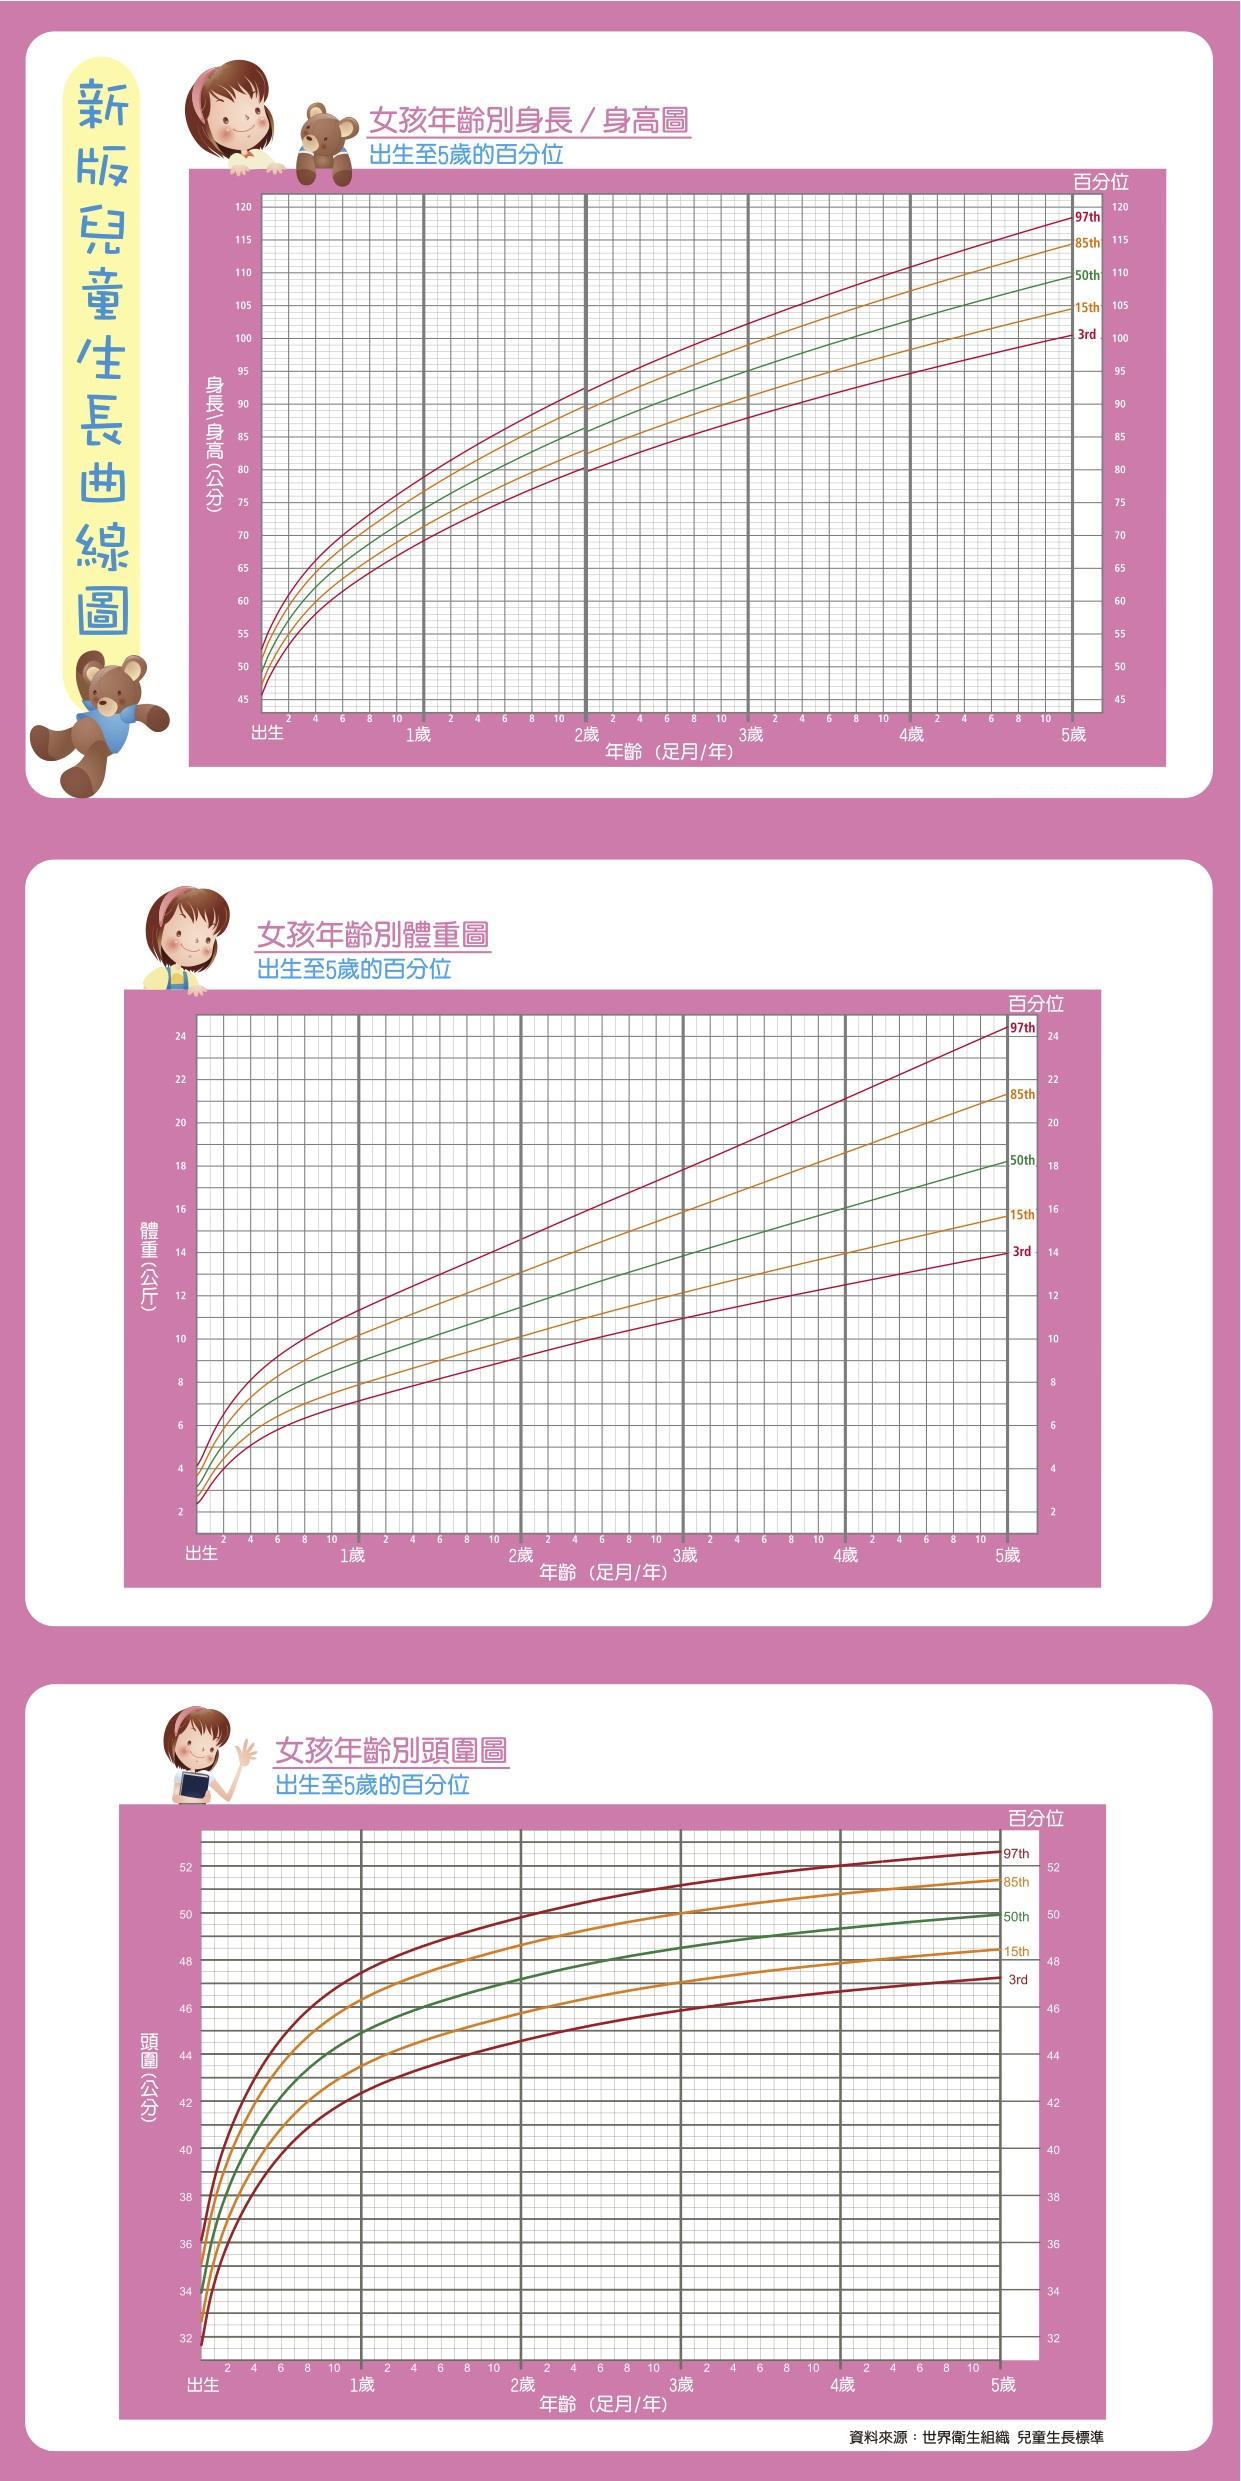 980430-國民健康局-兒童身長曲線圖-女孩.jpg